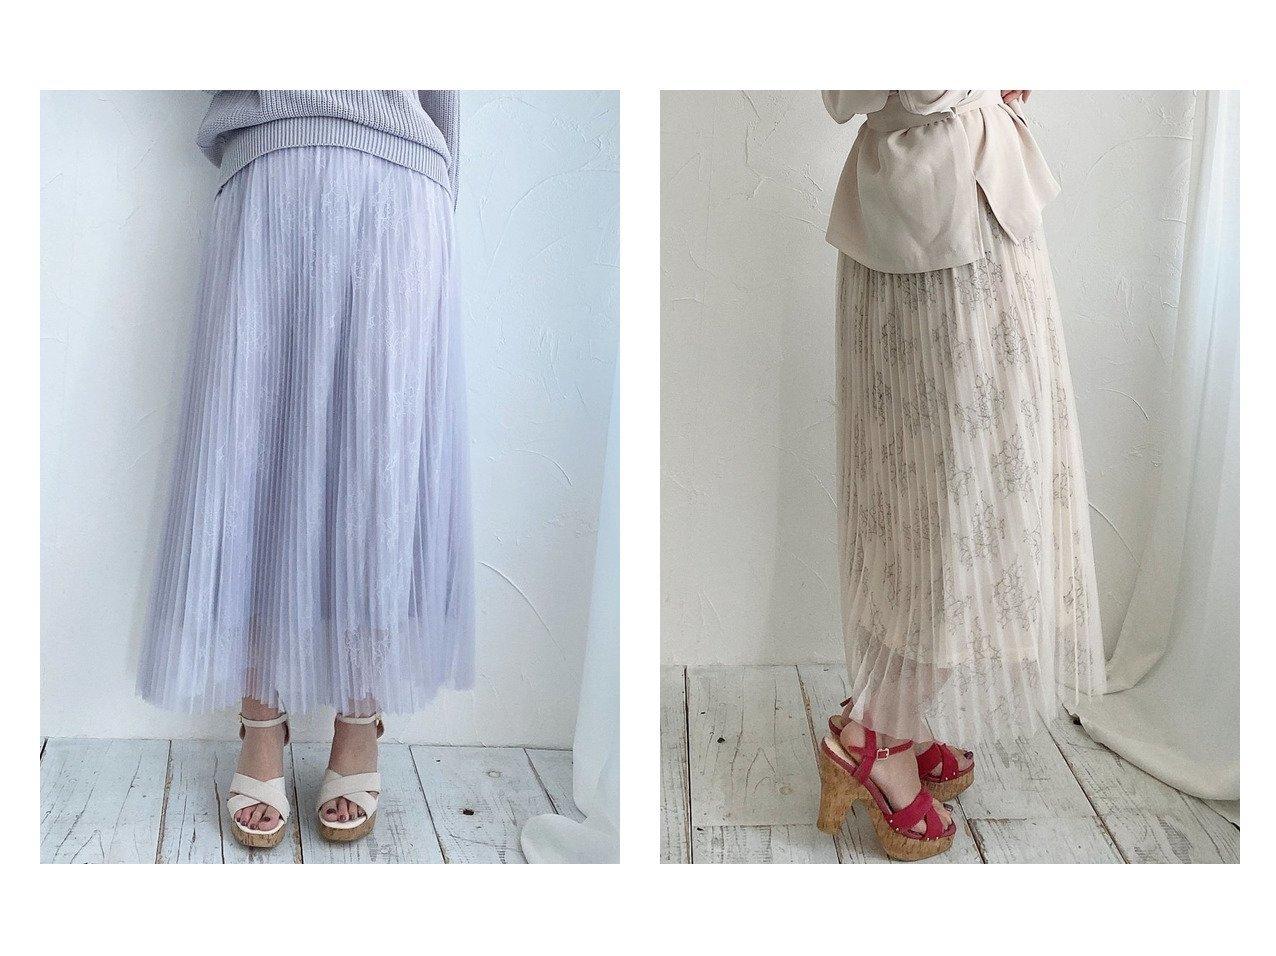 【MISCH MASCH/ミッシュマッシュ】のチュールプリーツレーススカート 【スカート】おすすめ!人気、トレンド・レディースファッションの通販    レディースファッション・服の通販 founy(ファニー)